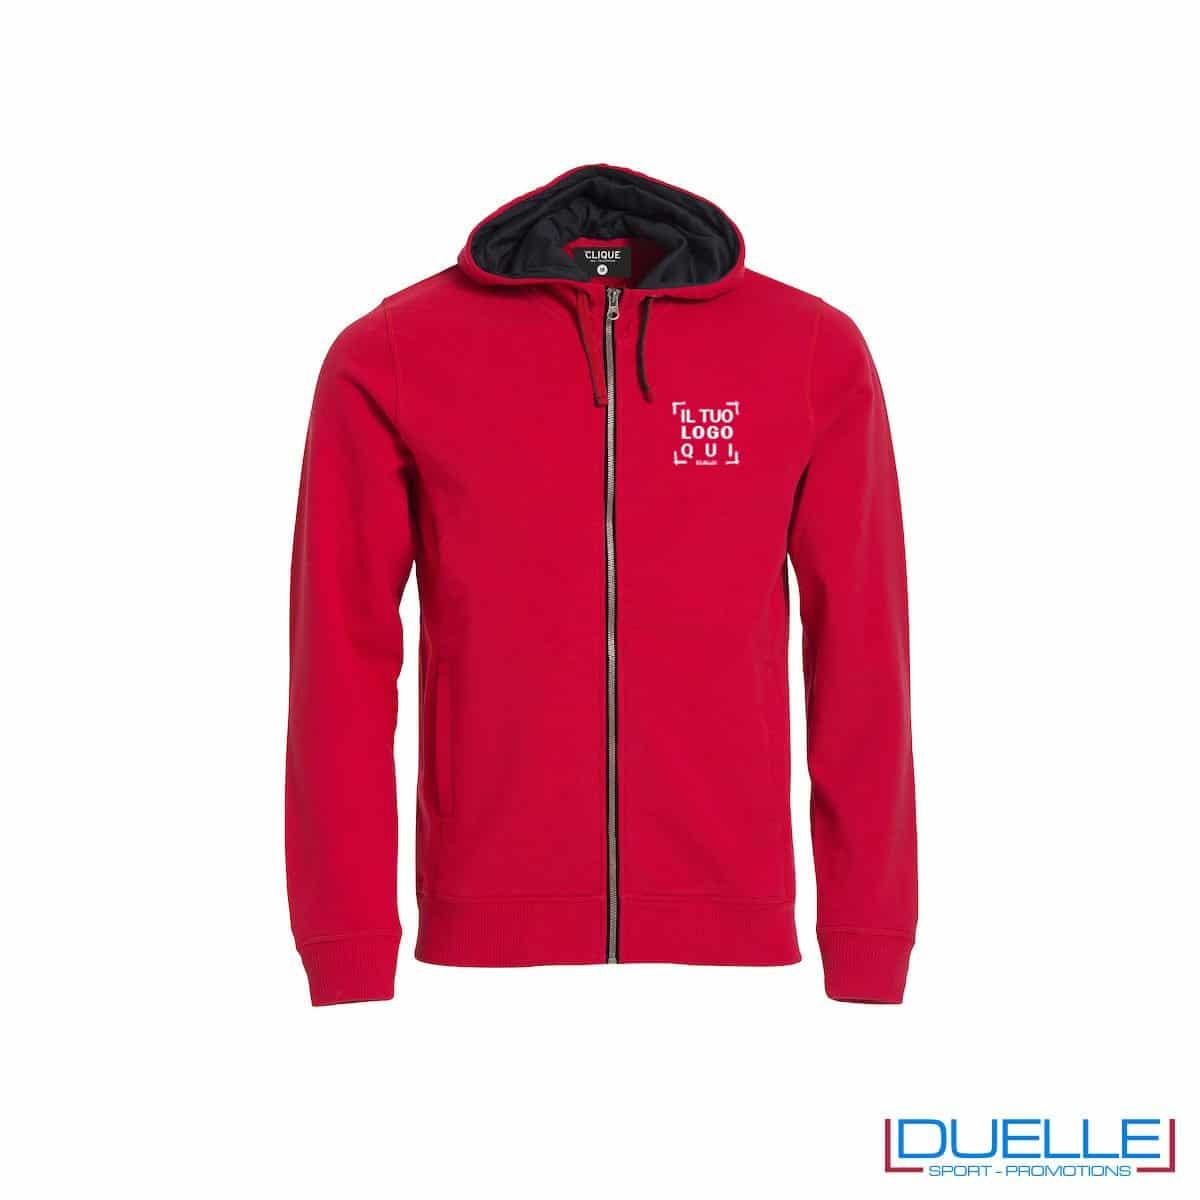 Felpa con cappuccio e full zip personalizzata colore rosso